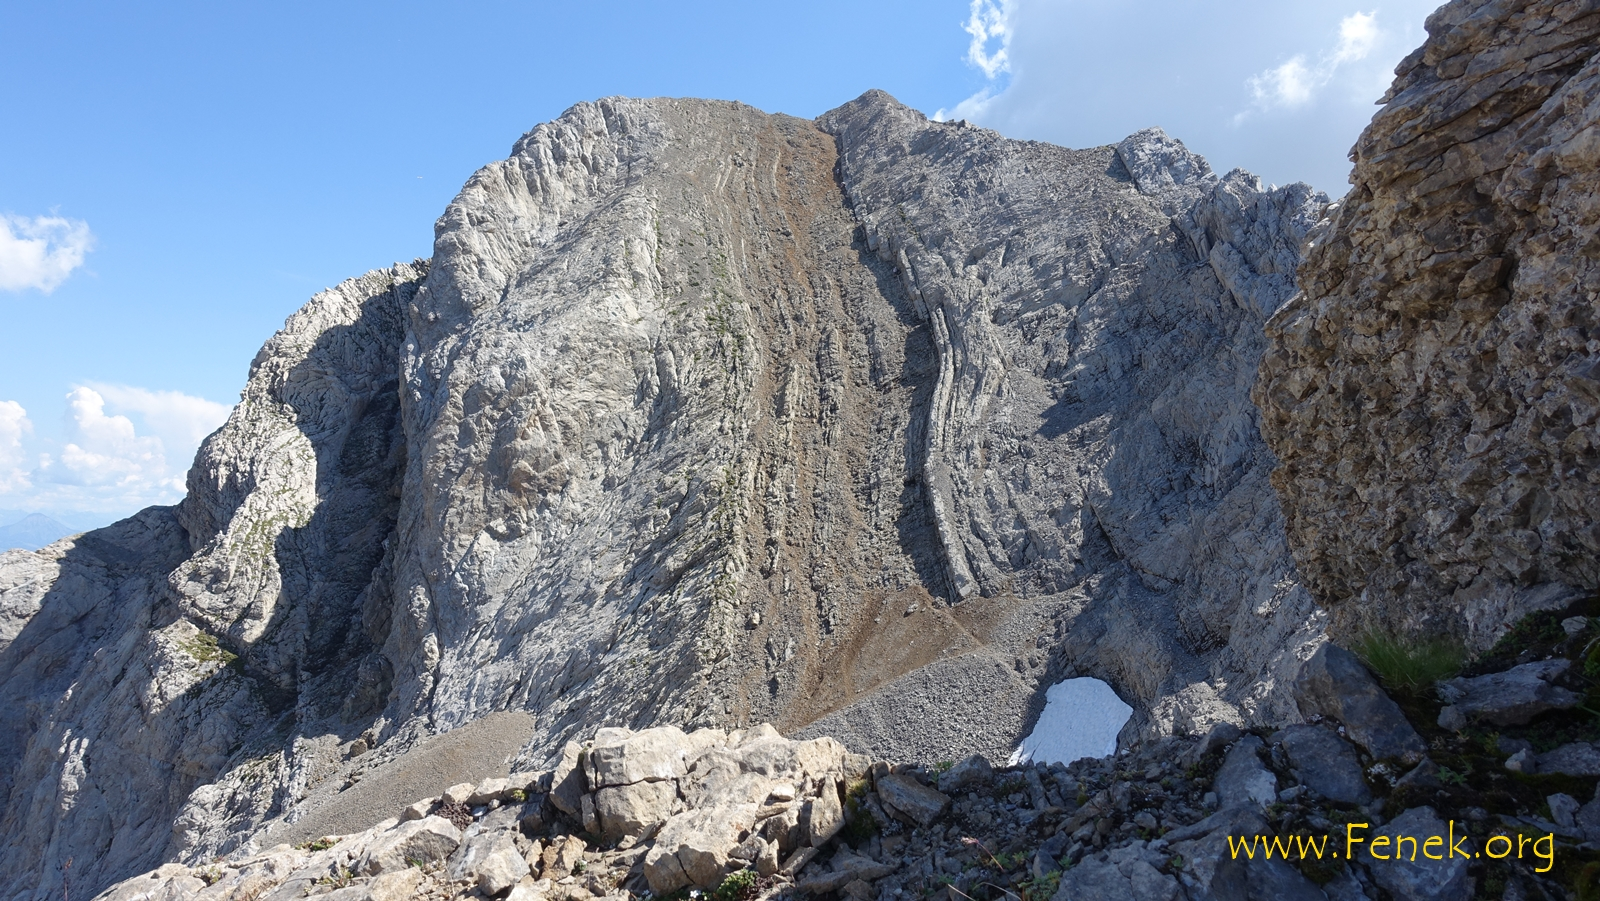 Rückblick auf den Schutthang der zu den beiden Gipfeln führt